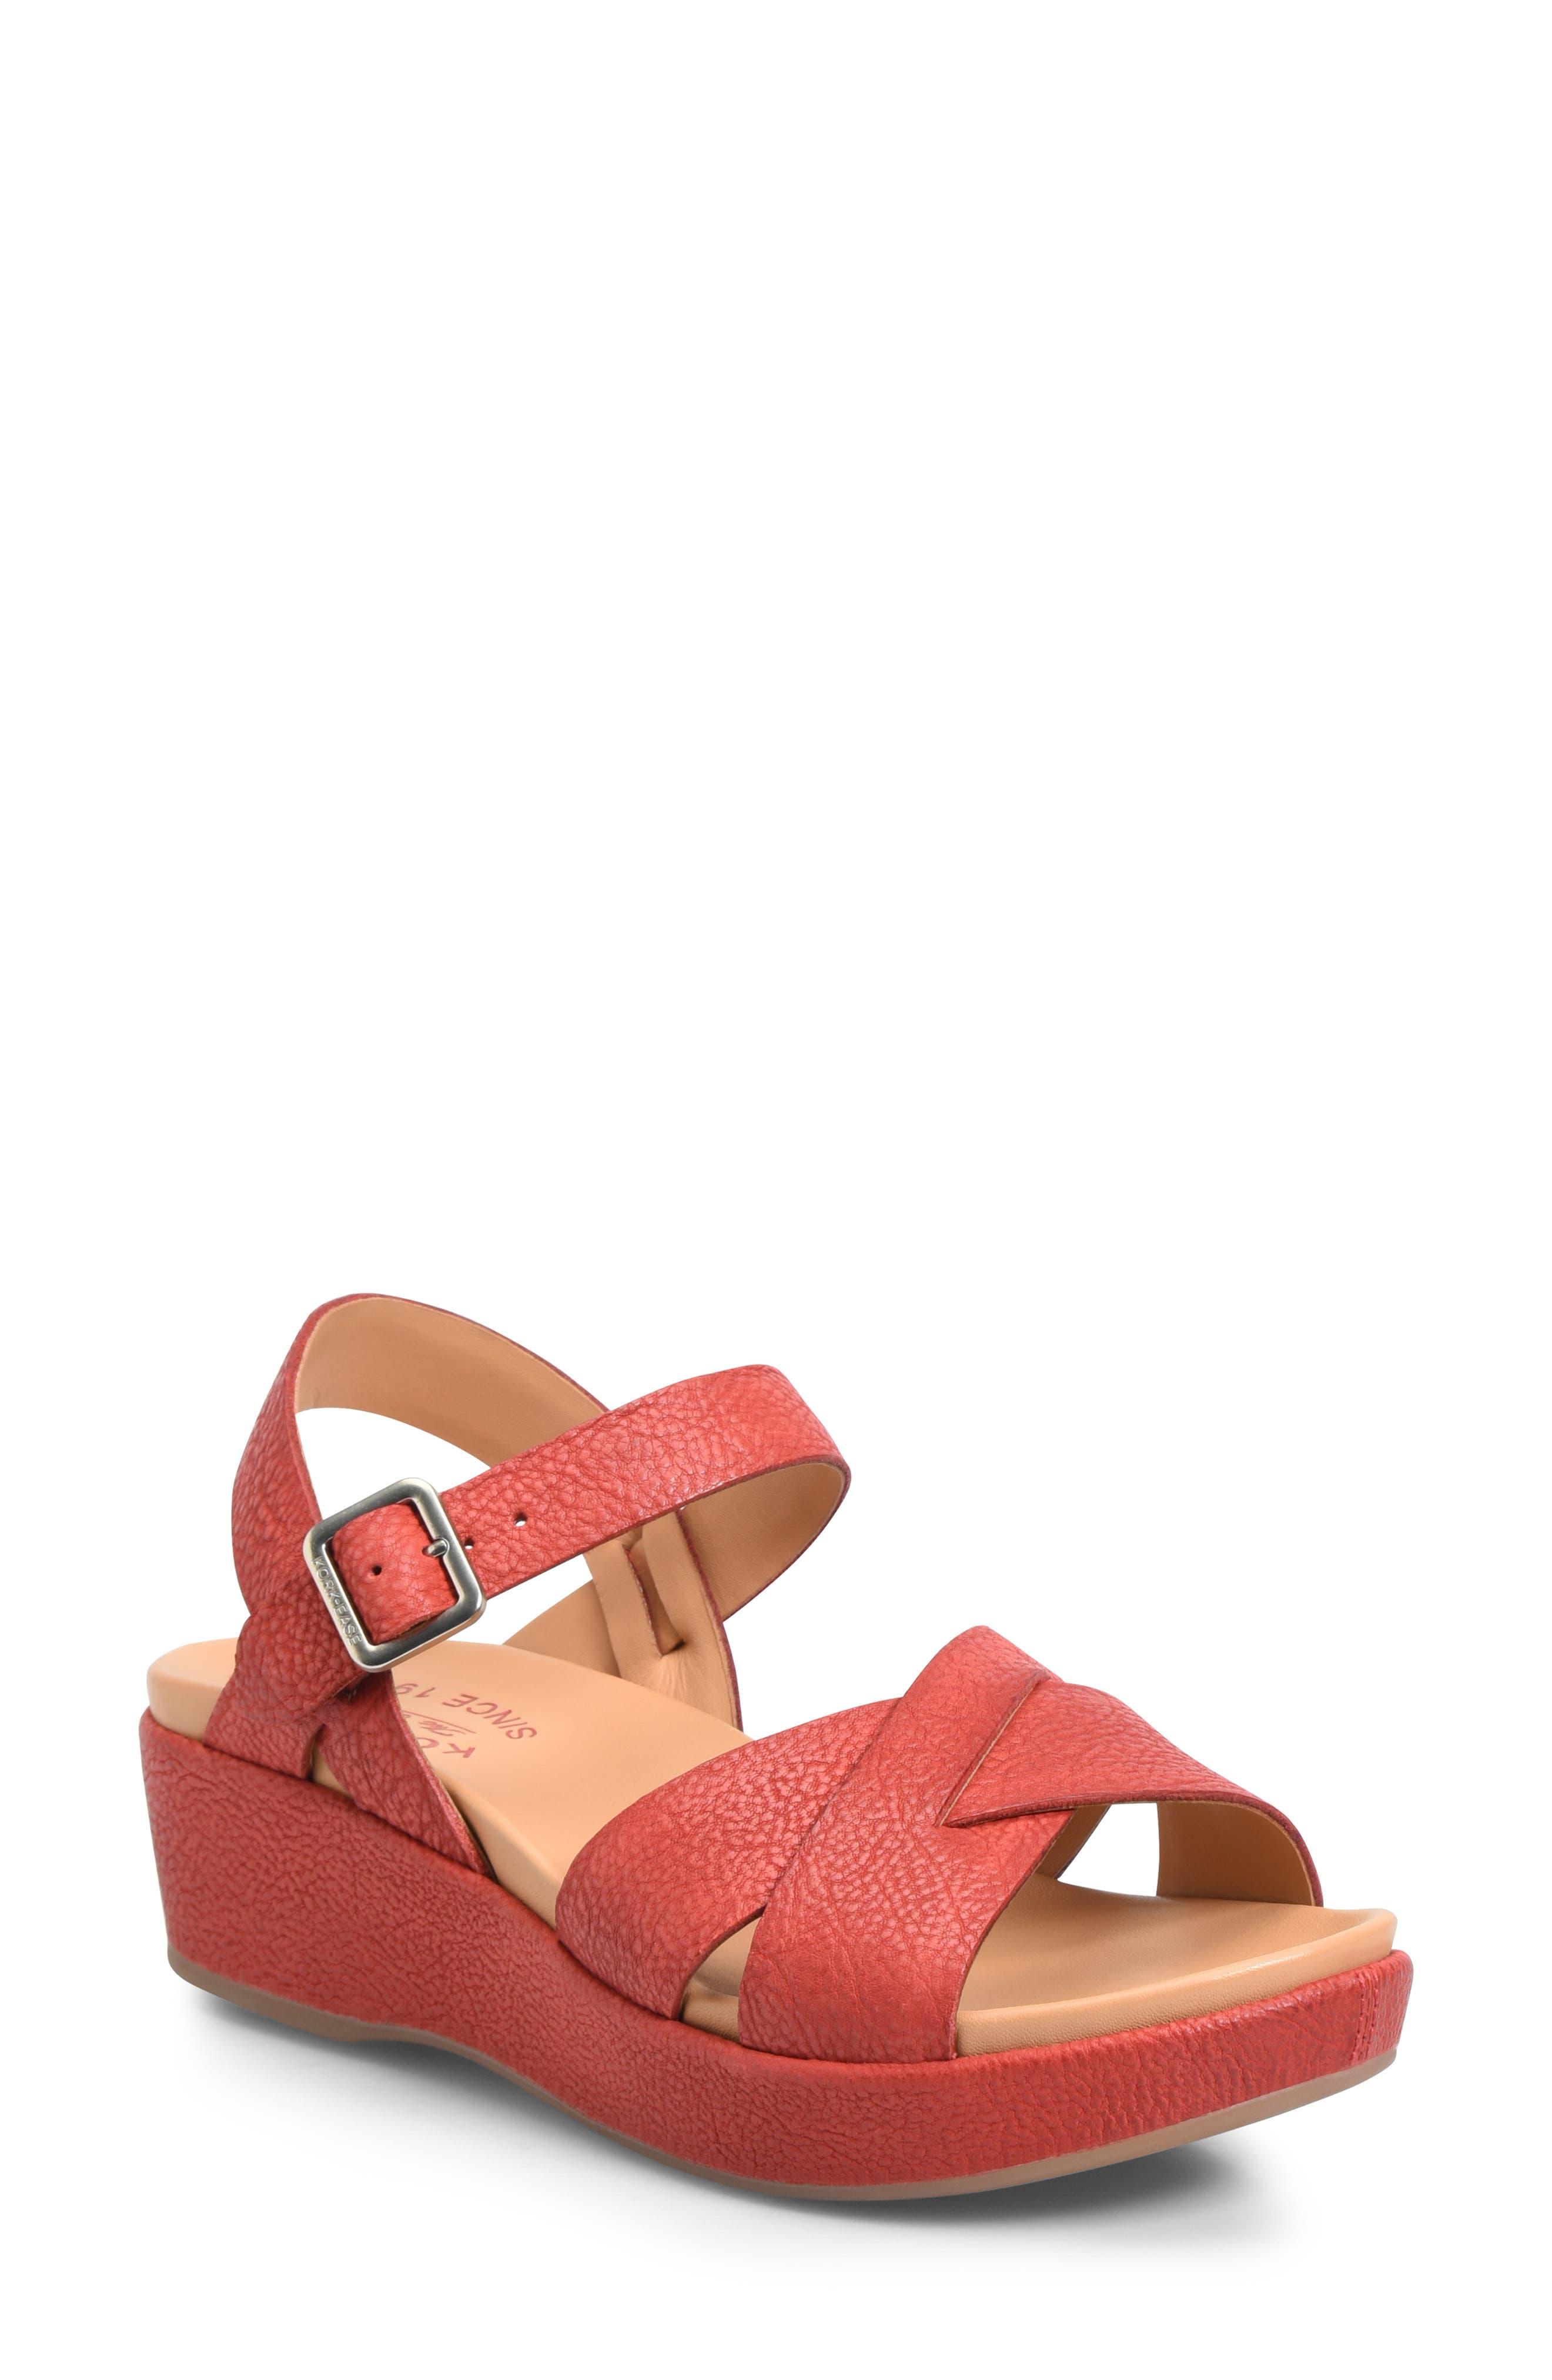 Vintage Style Shoes, Vintage Inspired Shoes Womens Kork-Ease Myrna 2.0 Cork Wedge Sandal Size 11 M - Red $139.95 AT vintagedancer.com